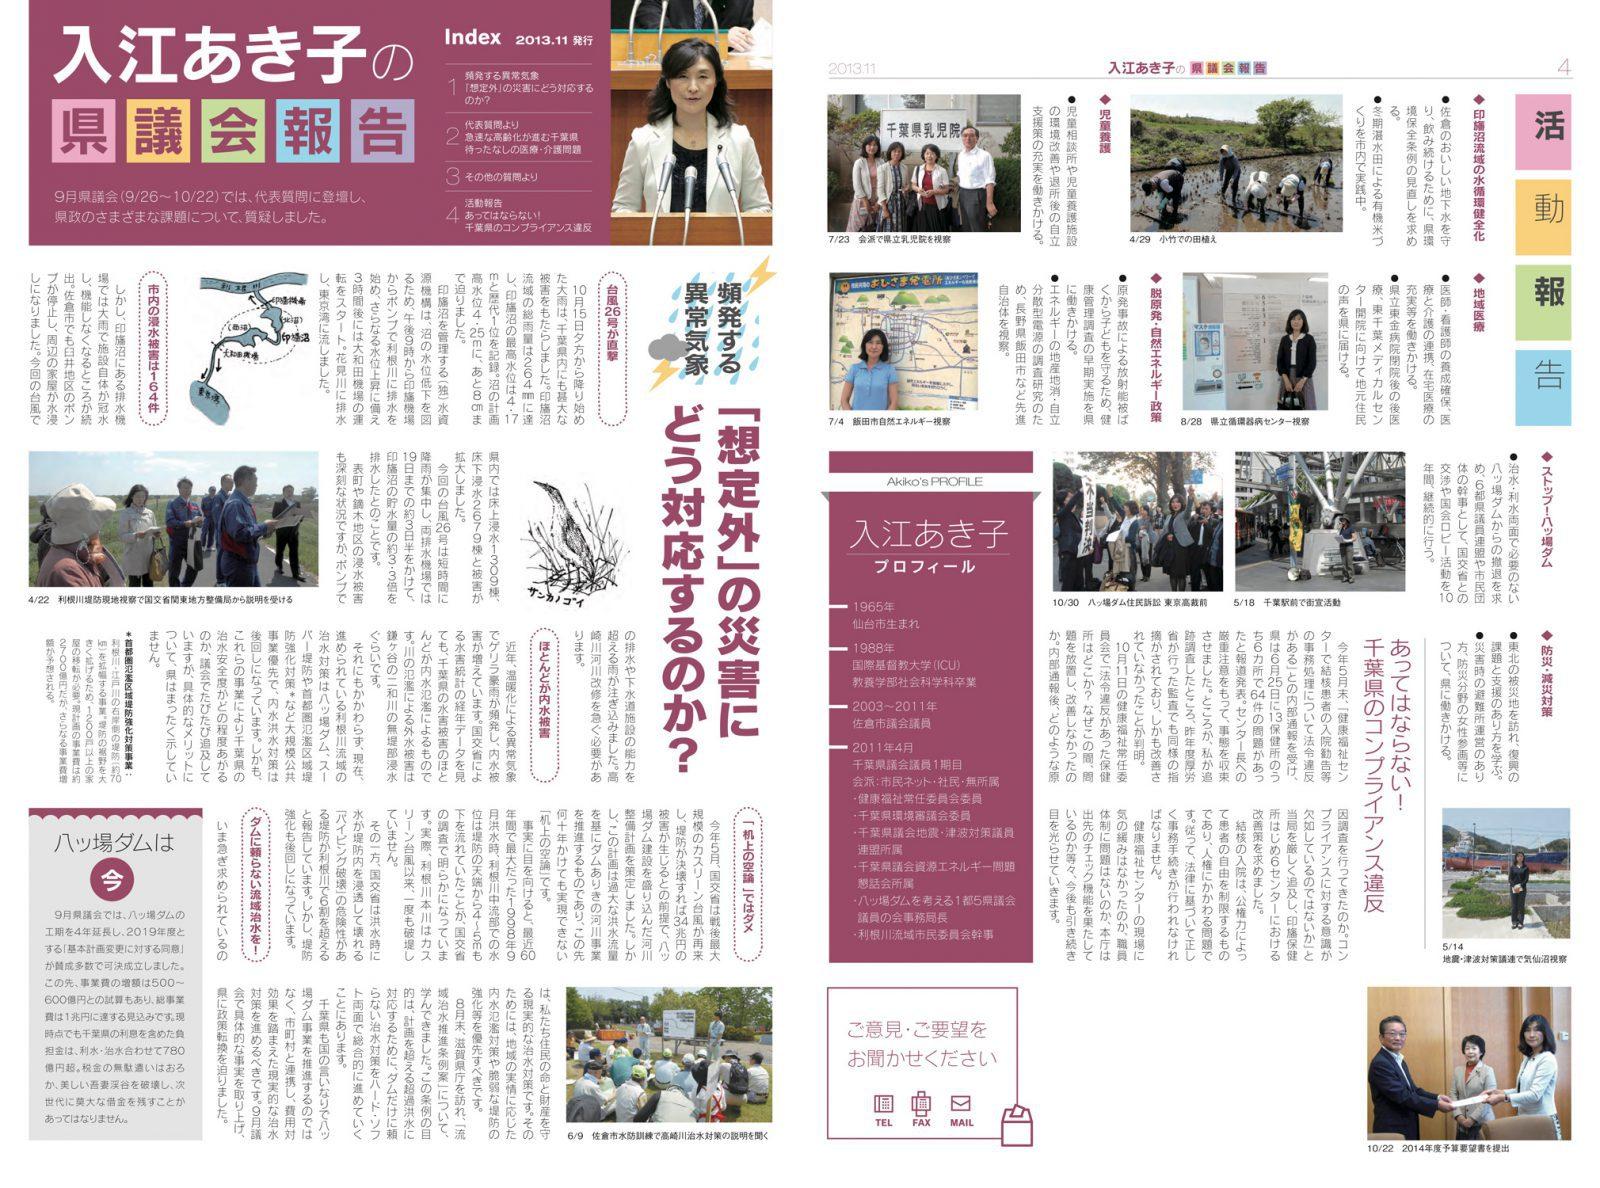 入江あき子の県議会報告 2013年11月発行